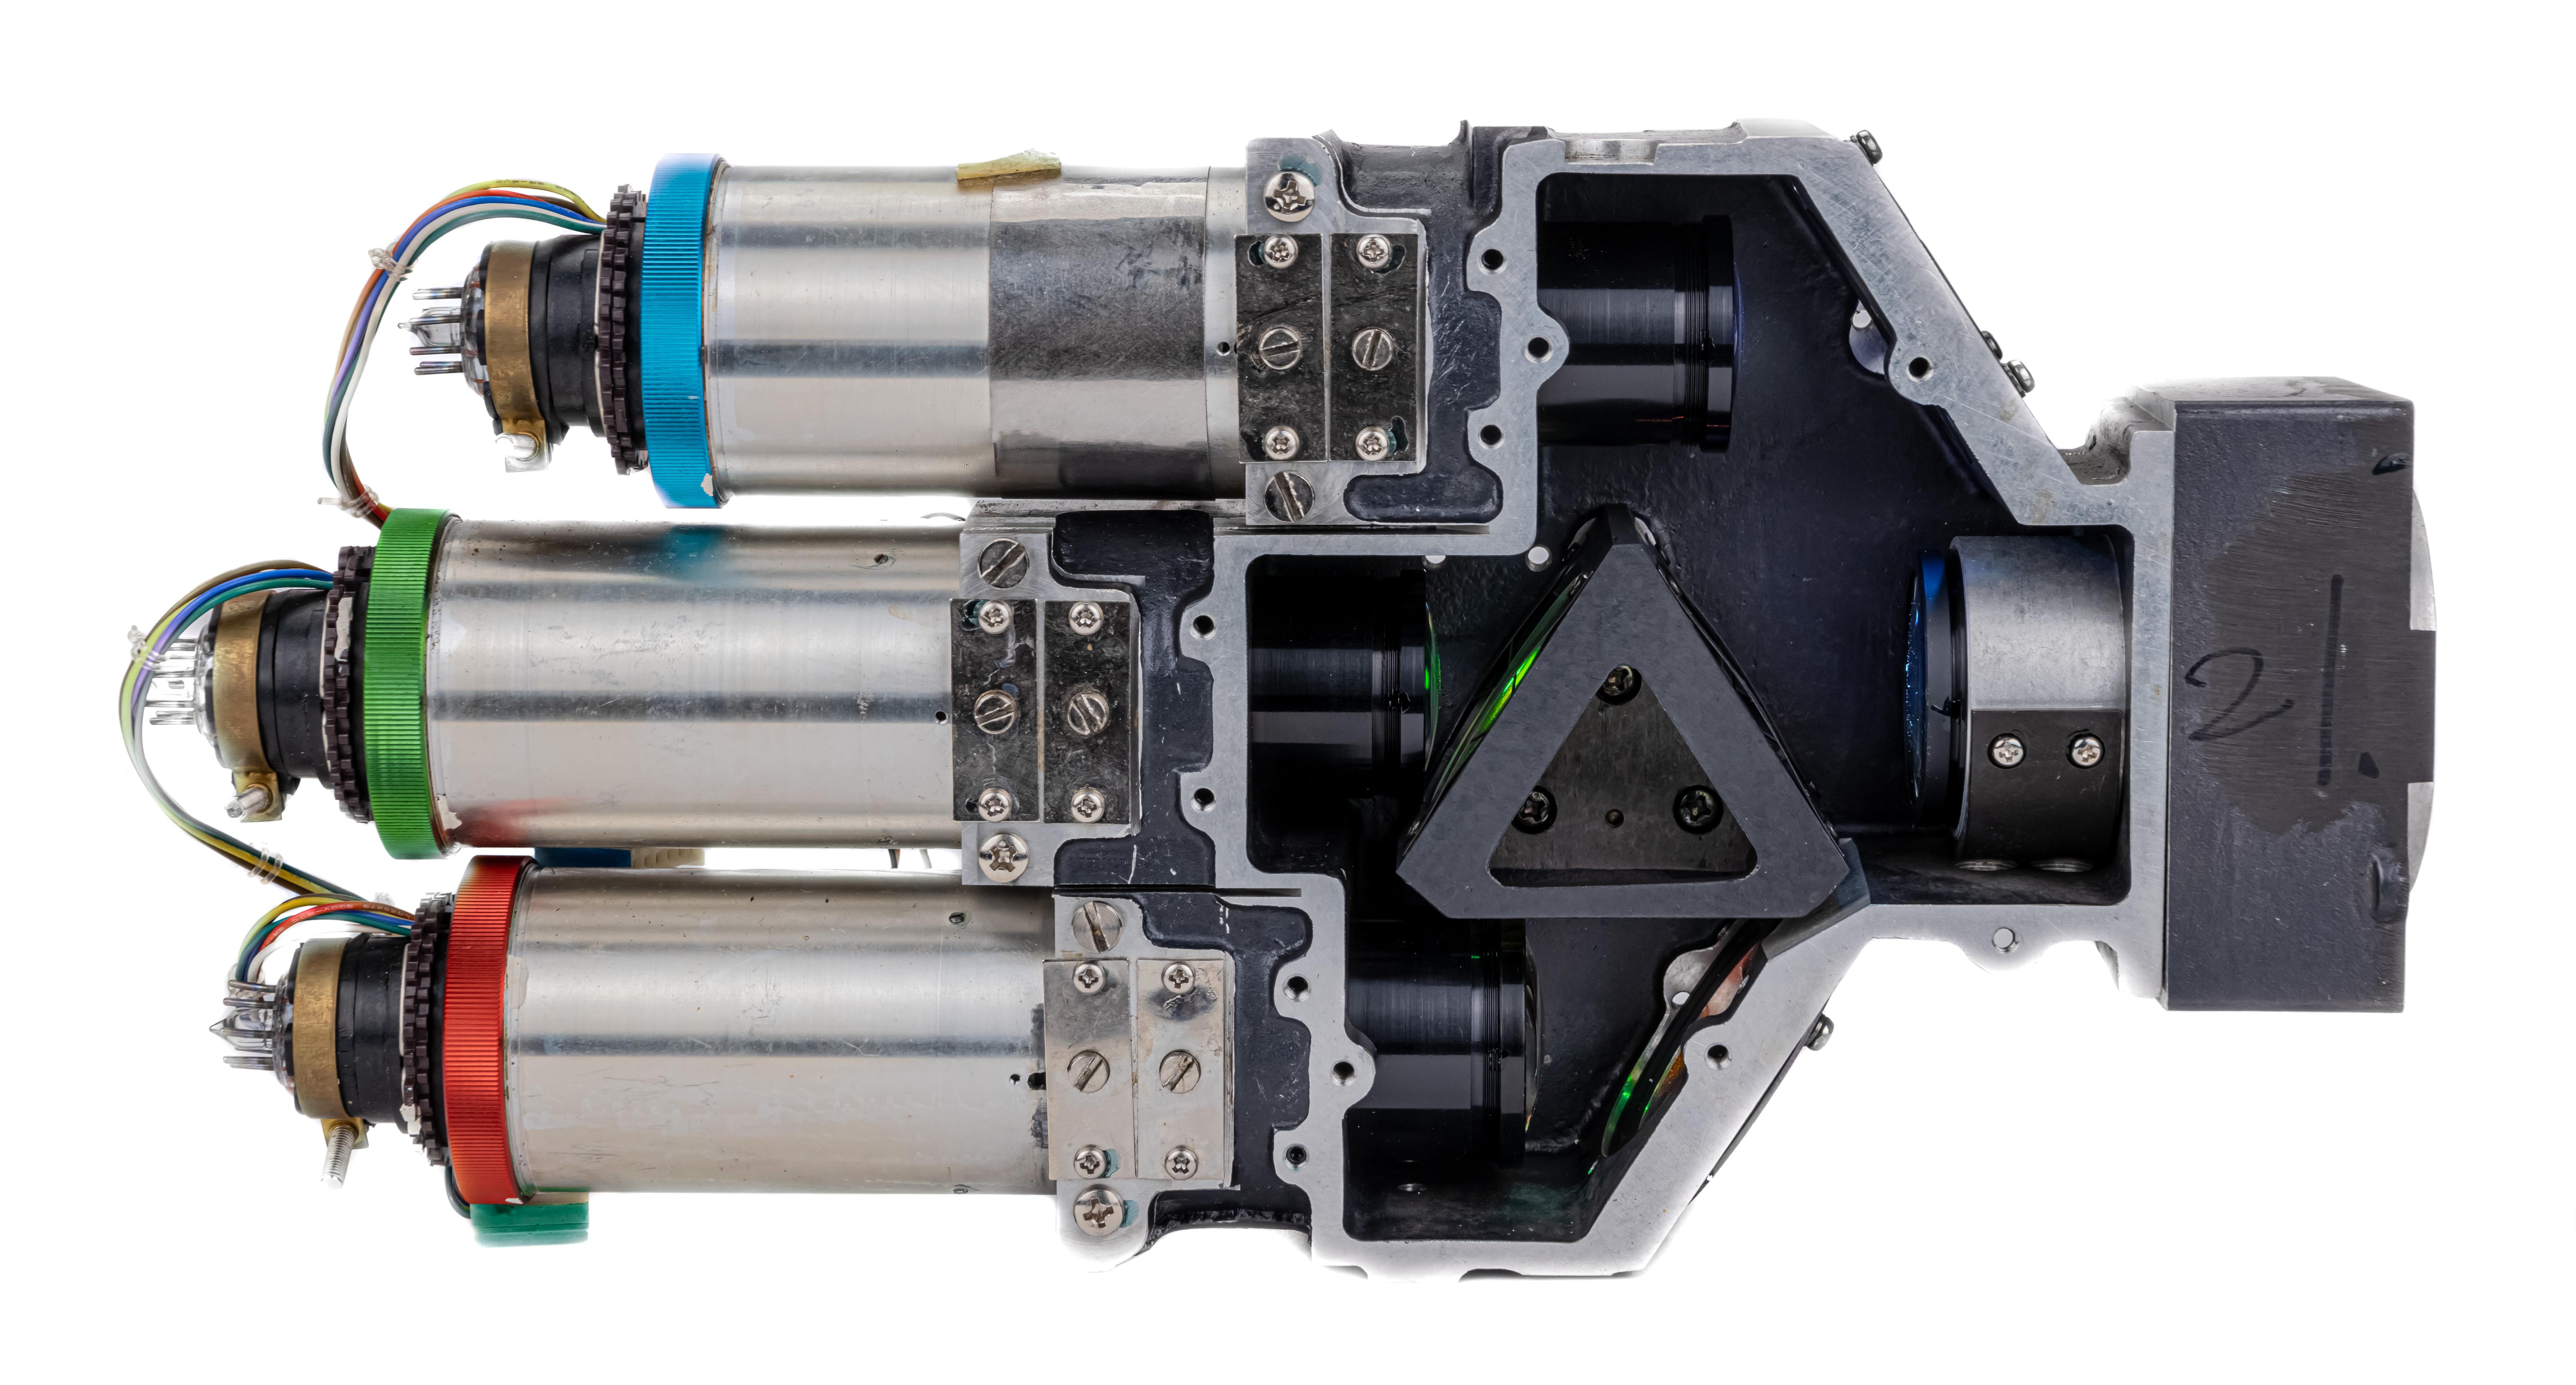 Beamsplitter JVC CY-8800